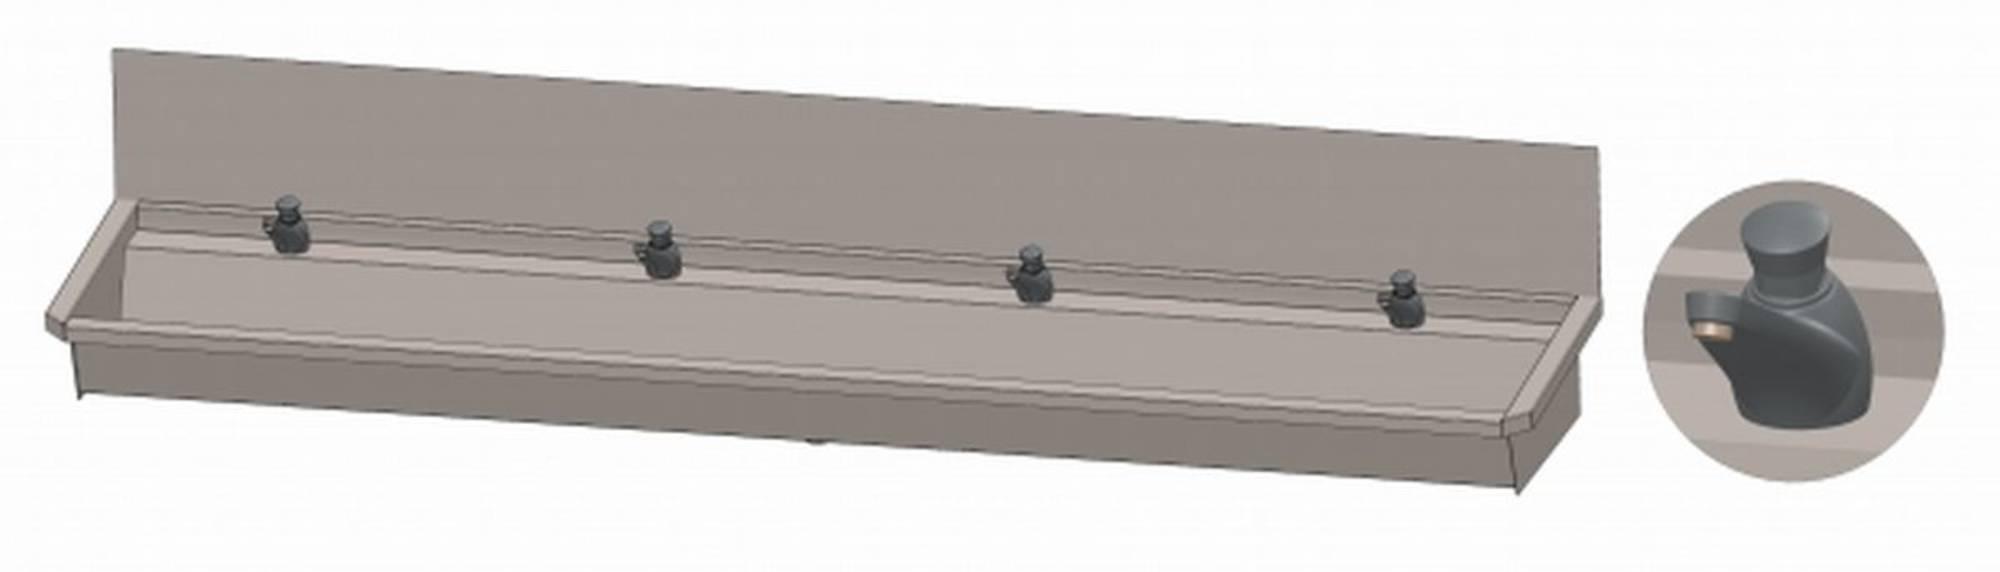 INTERSAN SANILAV wasgoot met spatbord 240 cm. met 4 zelfsl.kranen INOX 304 (304L3)